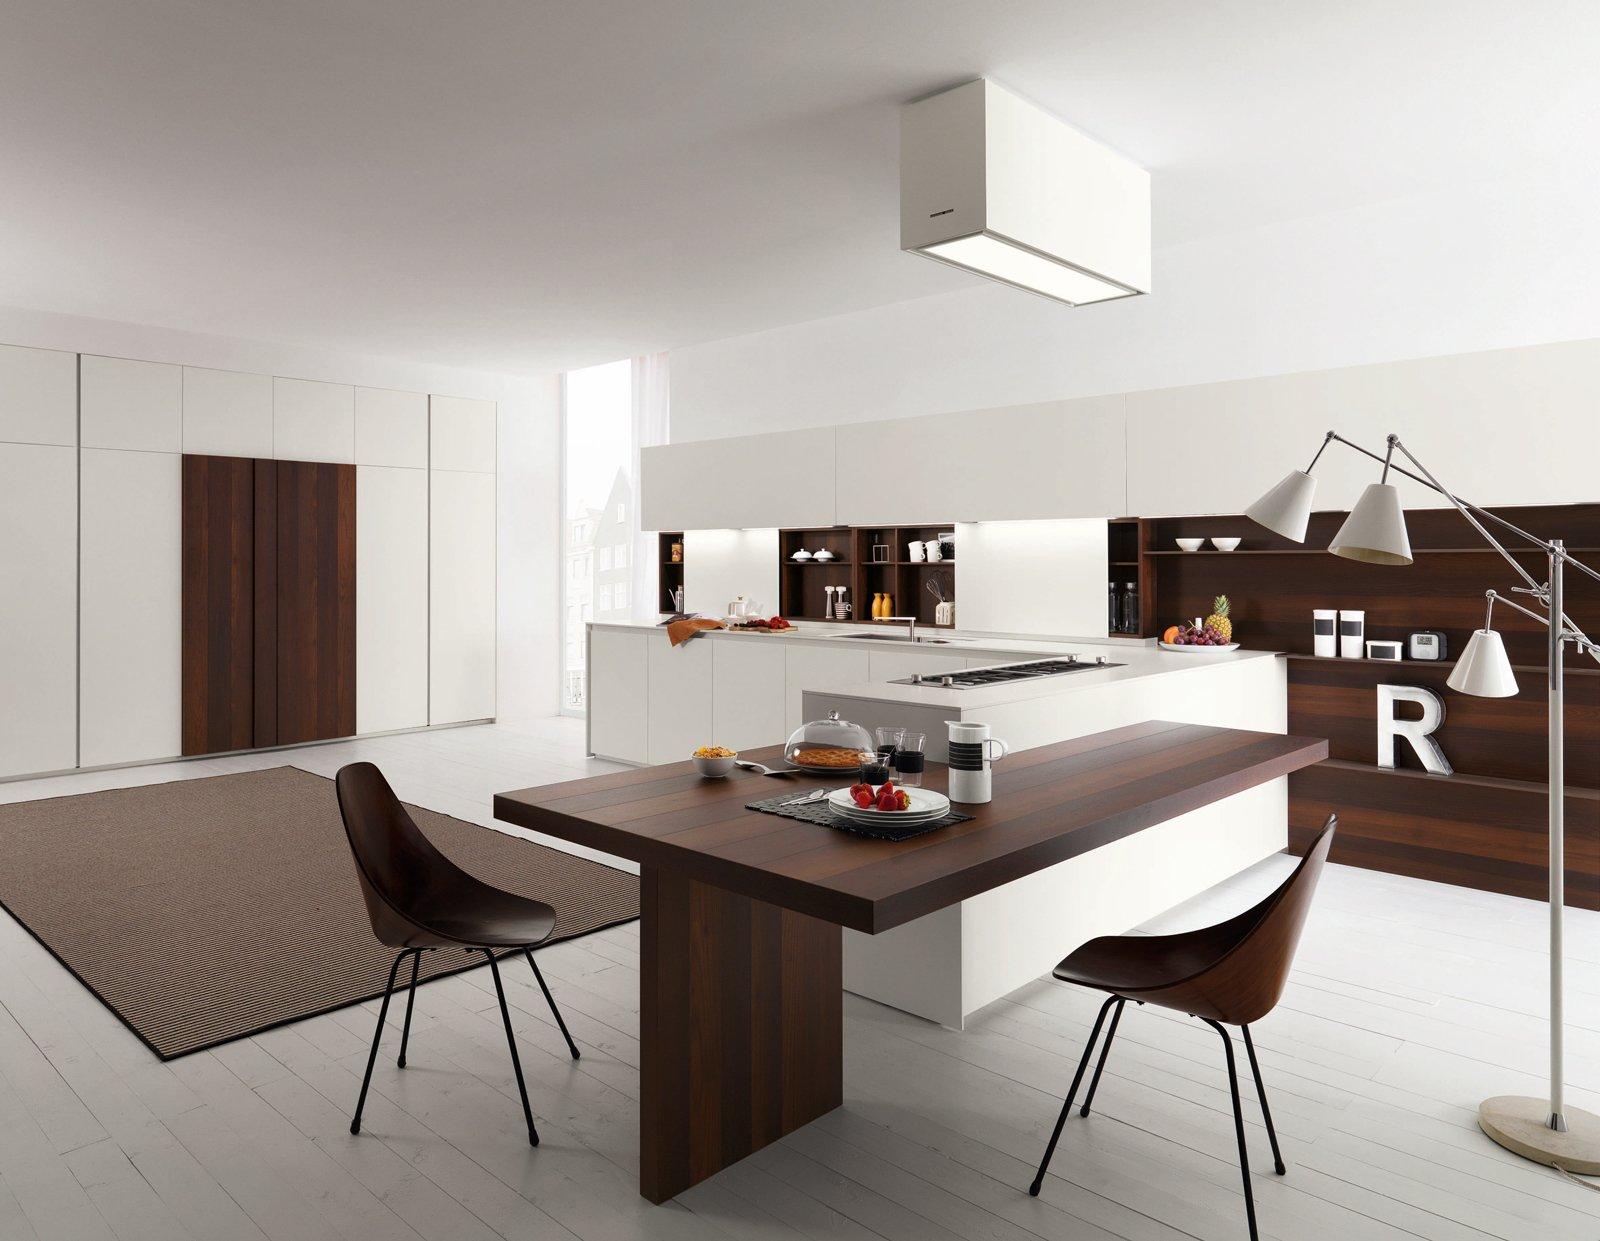 Cucine con grandi piani di lavoro cose di casa for Case moderne sotto 100k